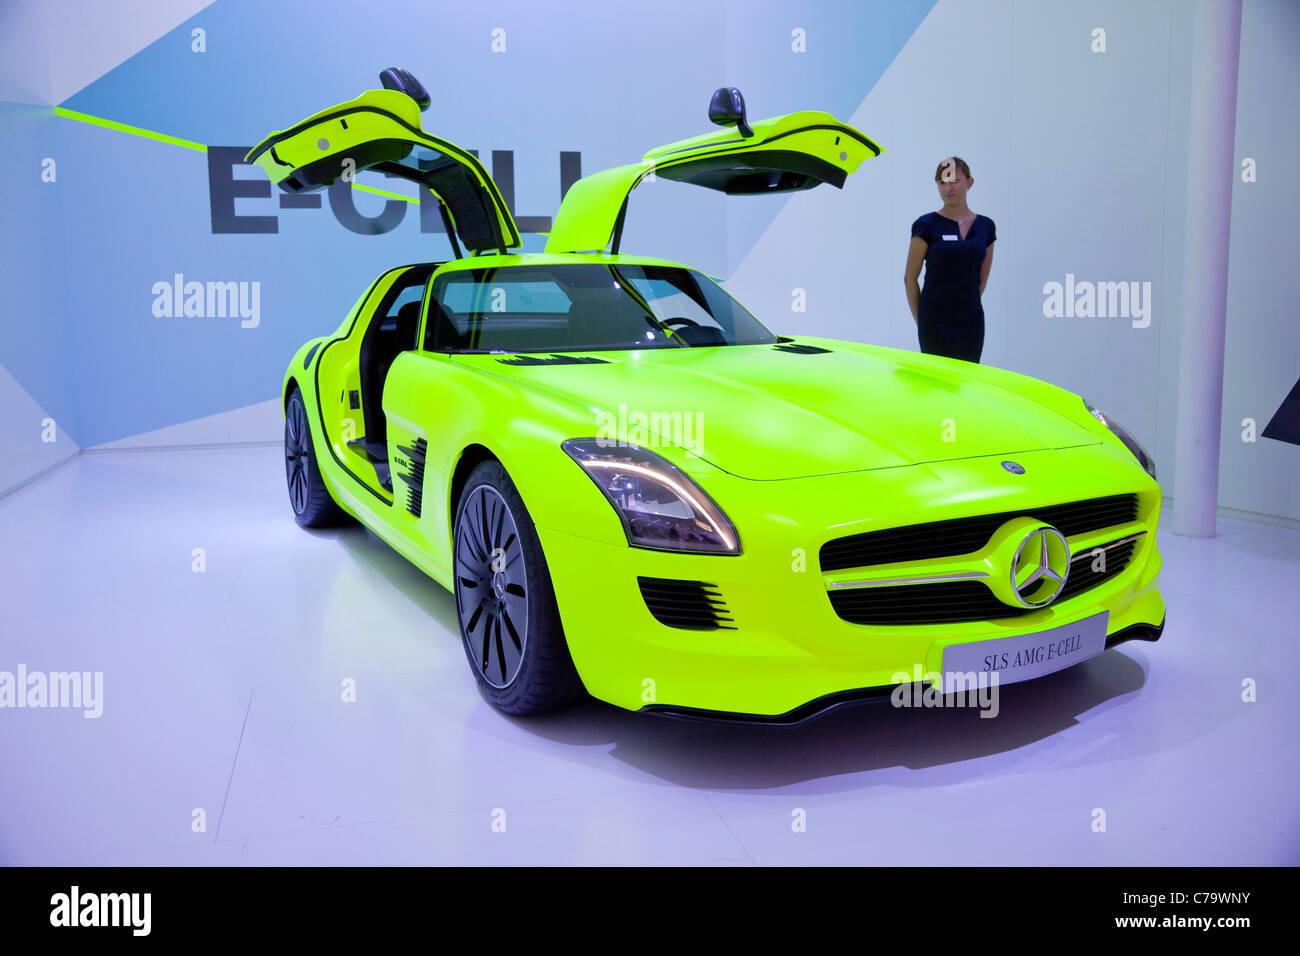 Mercedes SLS AMG e-cella sulla IAA 2011 International Motor Show di Francoforte am Main, Germania Immagini Stock